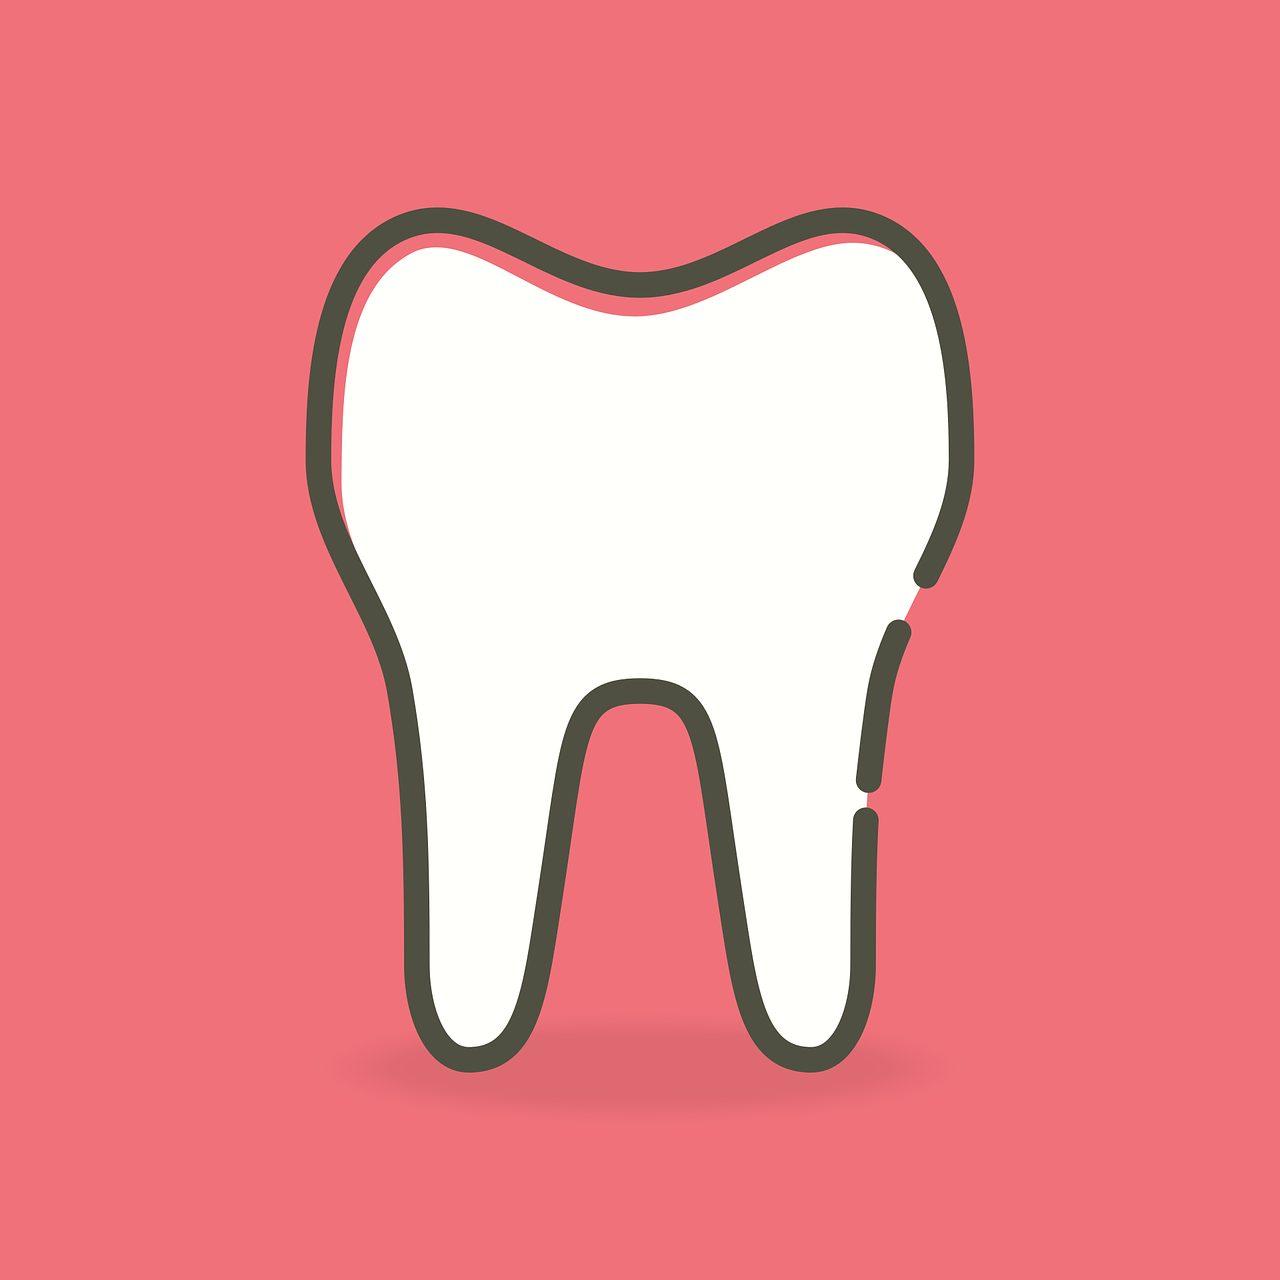 Peet J A M van der wanneer spoed tandarts